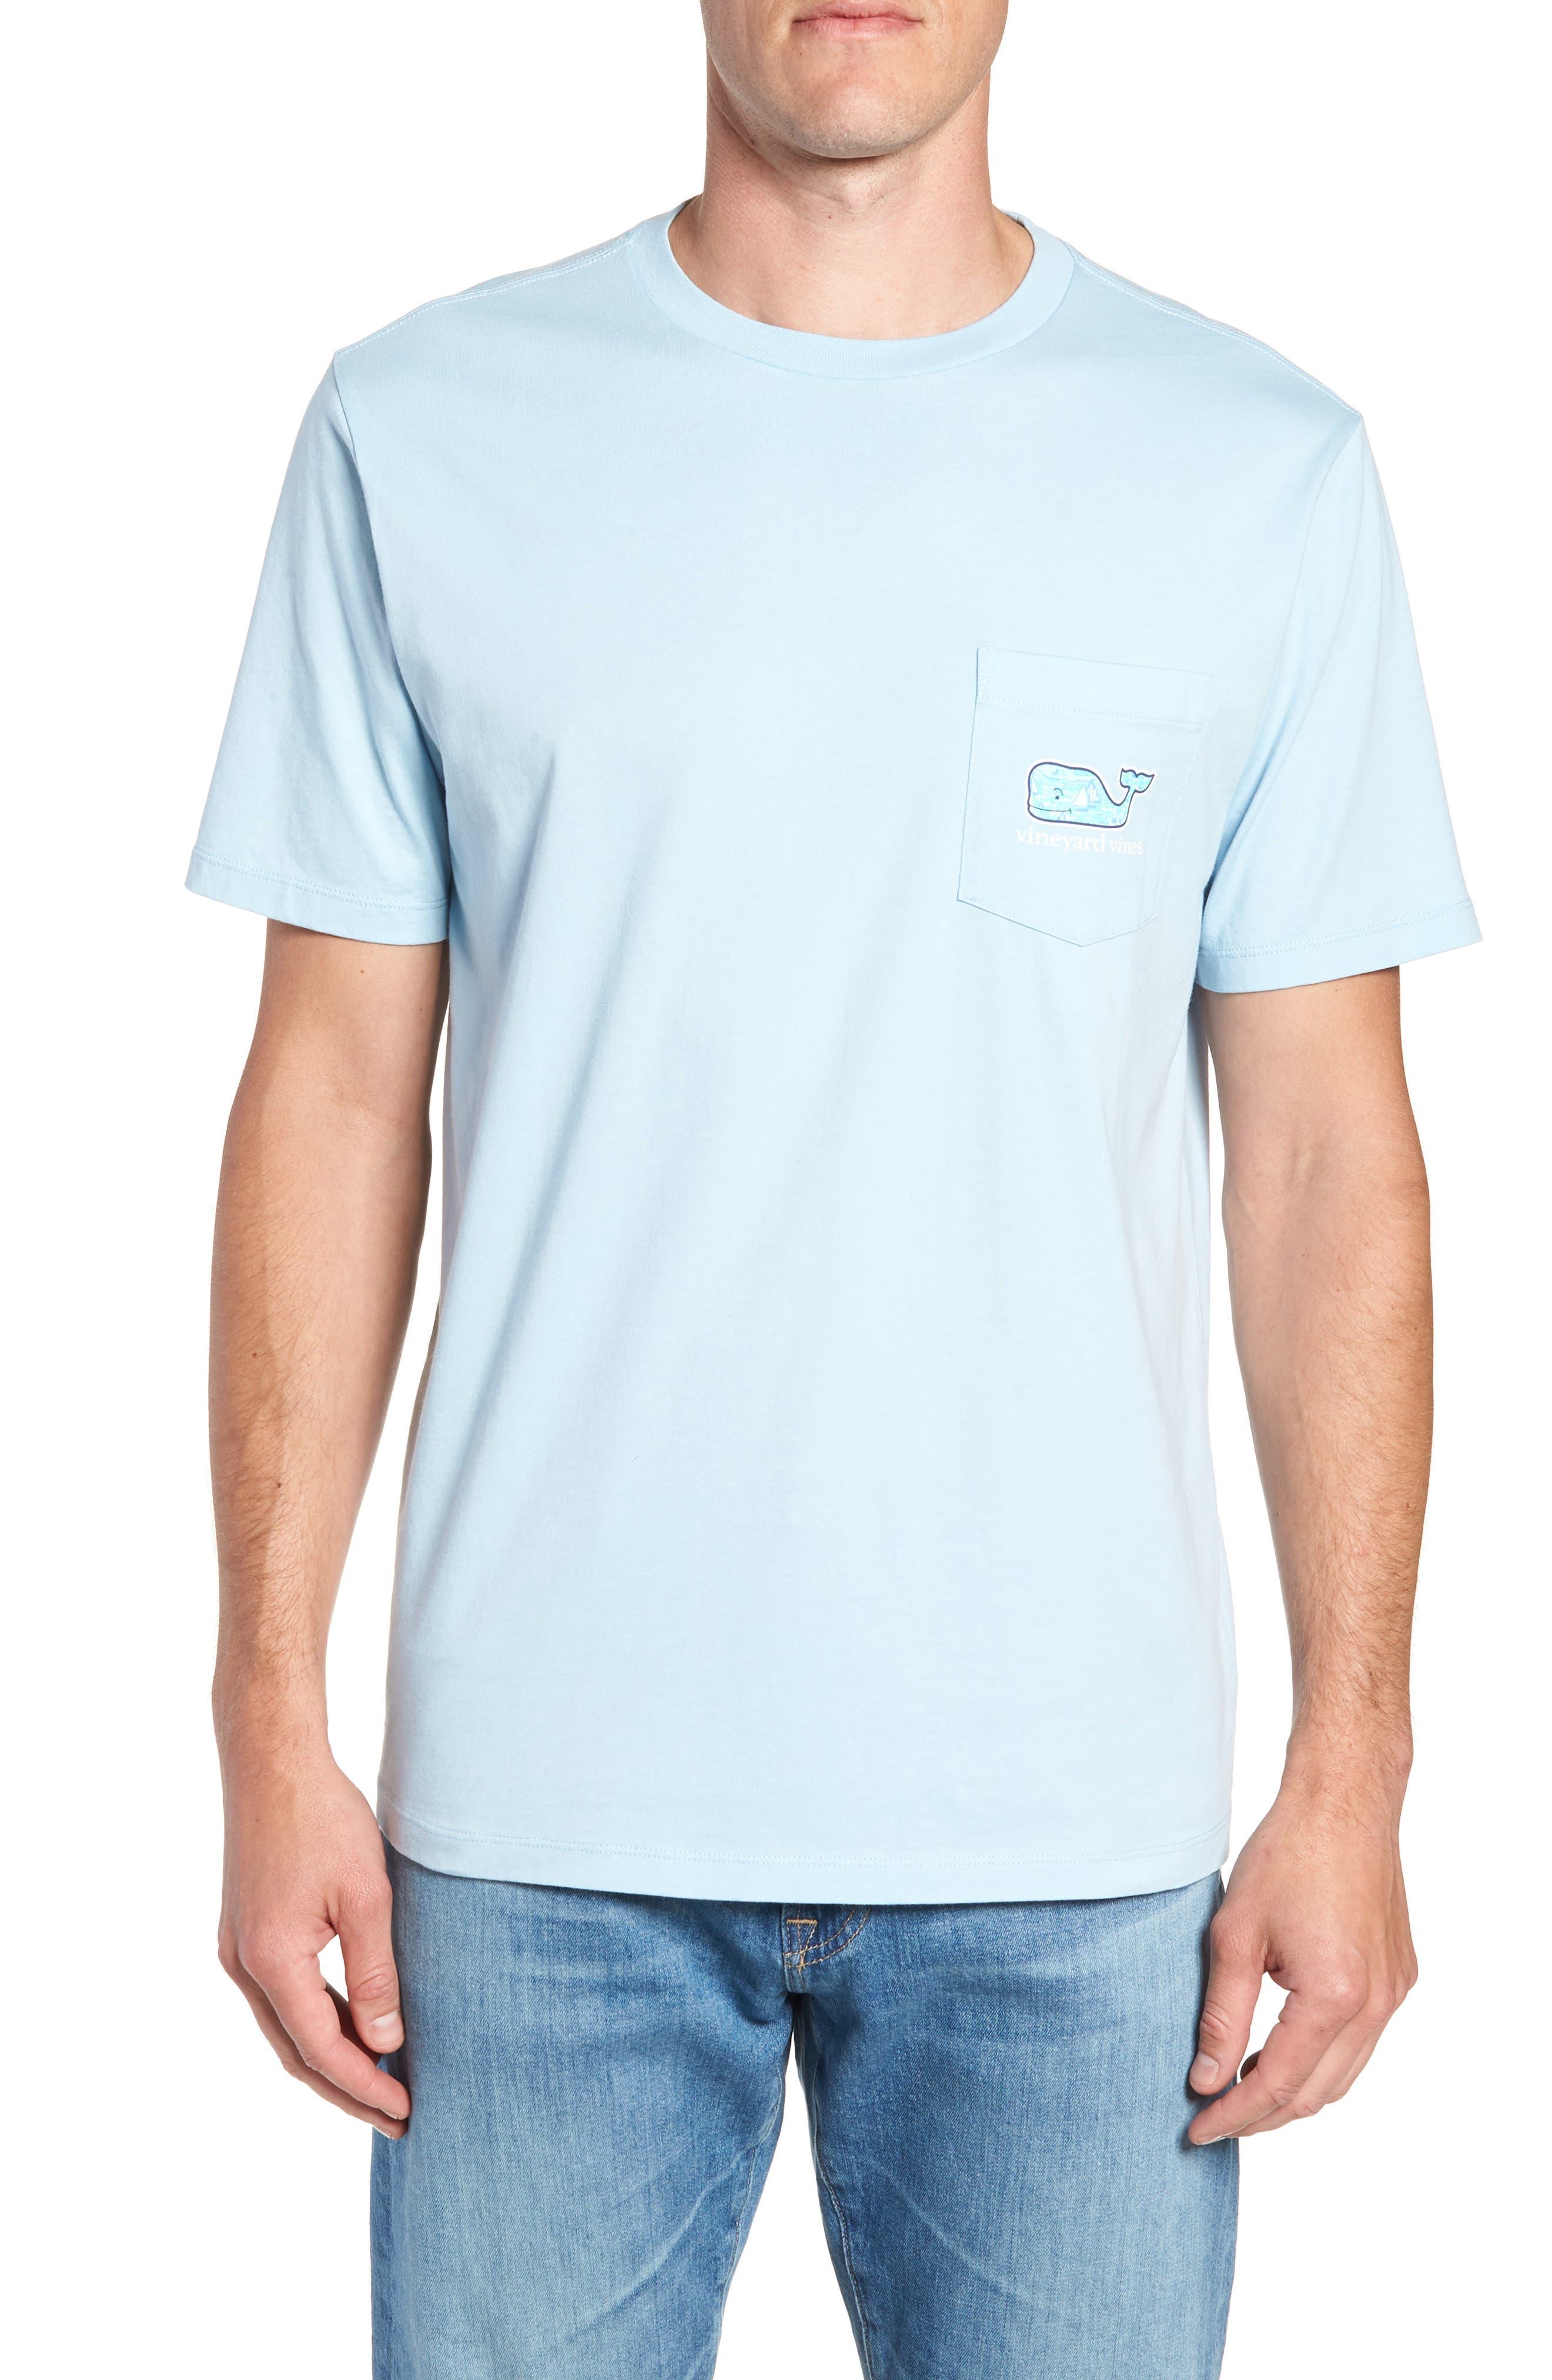 Sailing the Vineyard Pocket T-Shirt,                         Main,                         color, 456